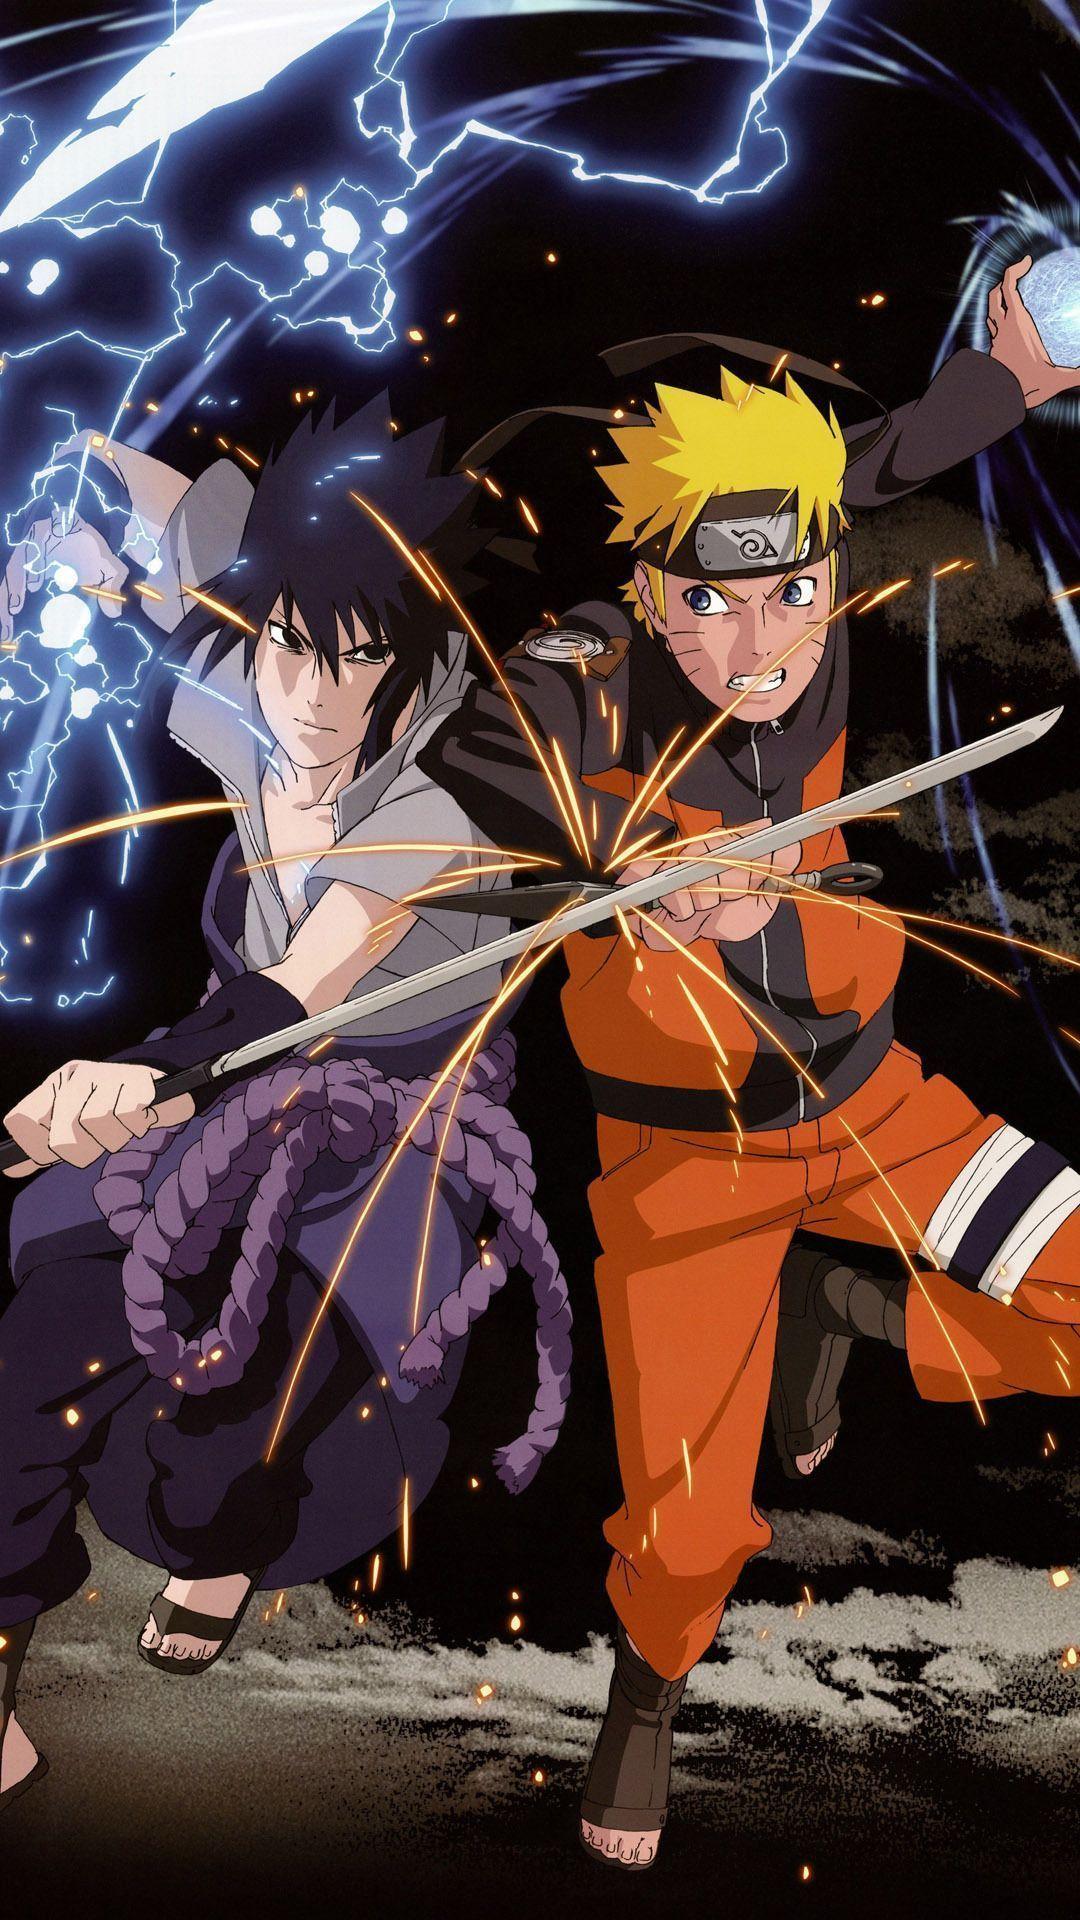 Naruto Shippuden Iphone Wallpaper Anime Naruto Dan Sasuke Naruto Wallpaper Wallpaper Naruto Shippuden Anime wallpaper iphone sasuke